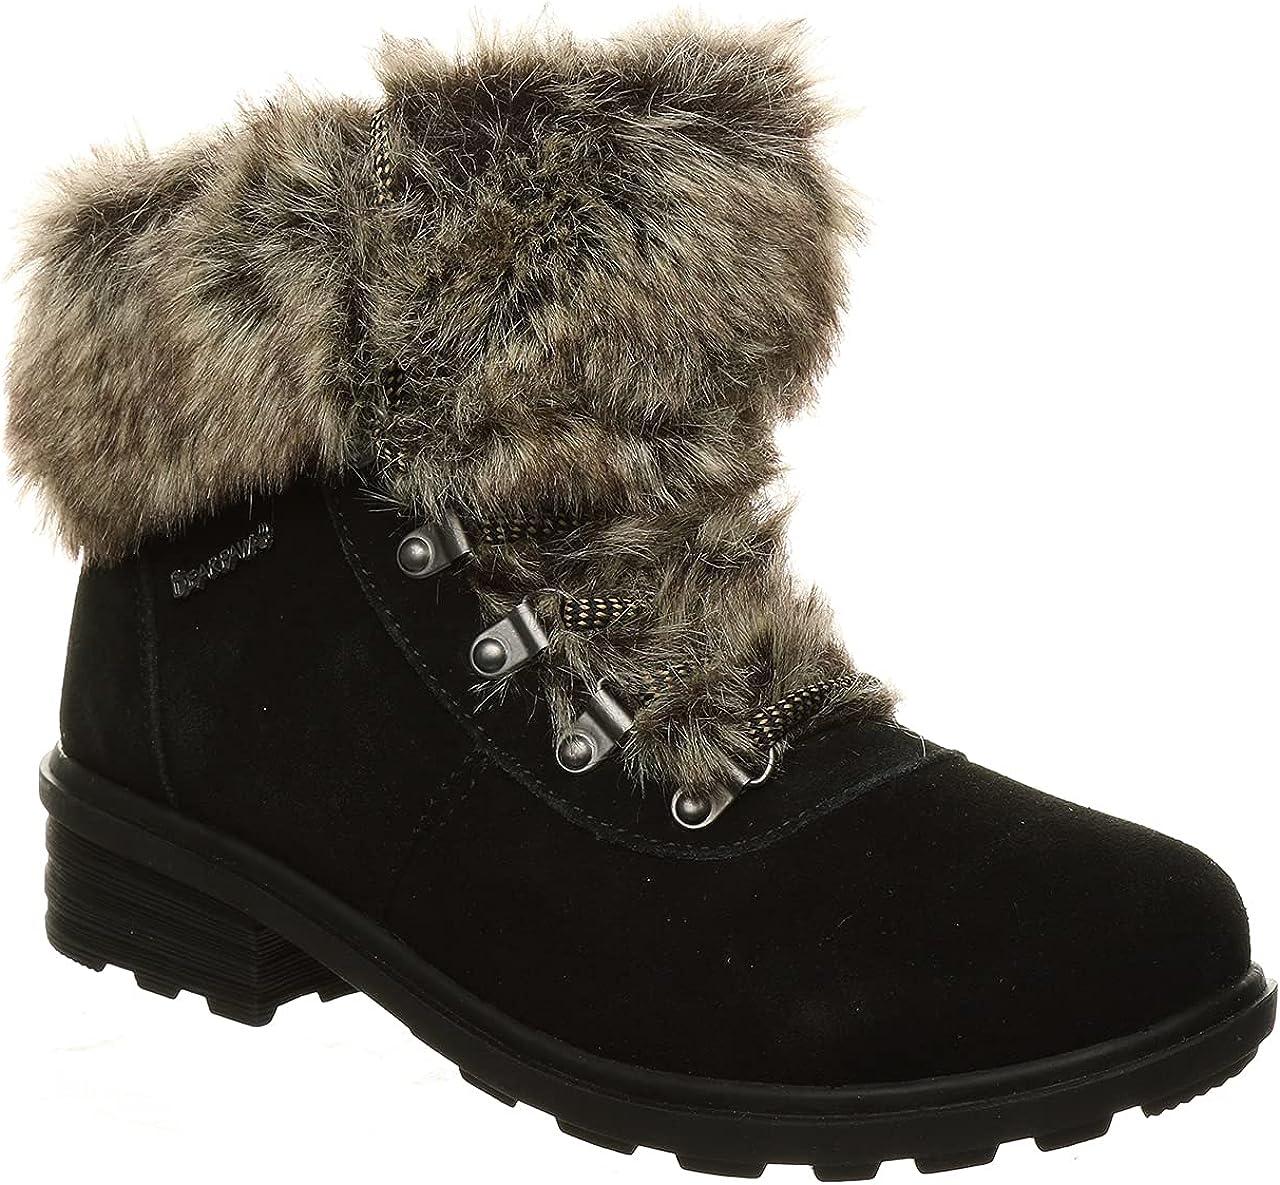 BEARPAW Serenity Women's Boot